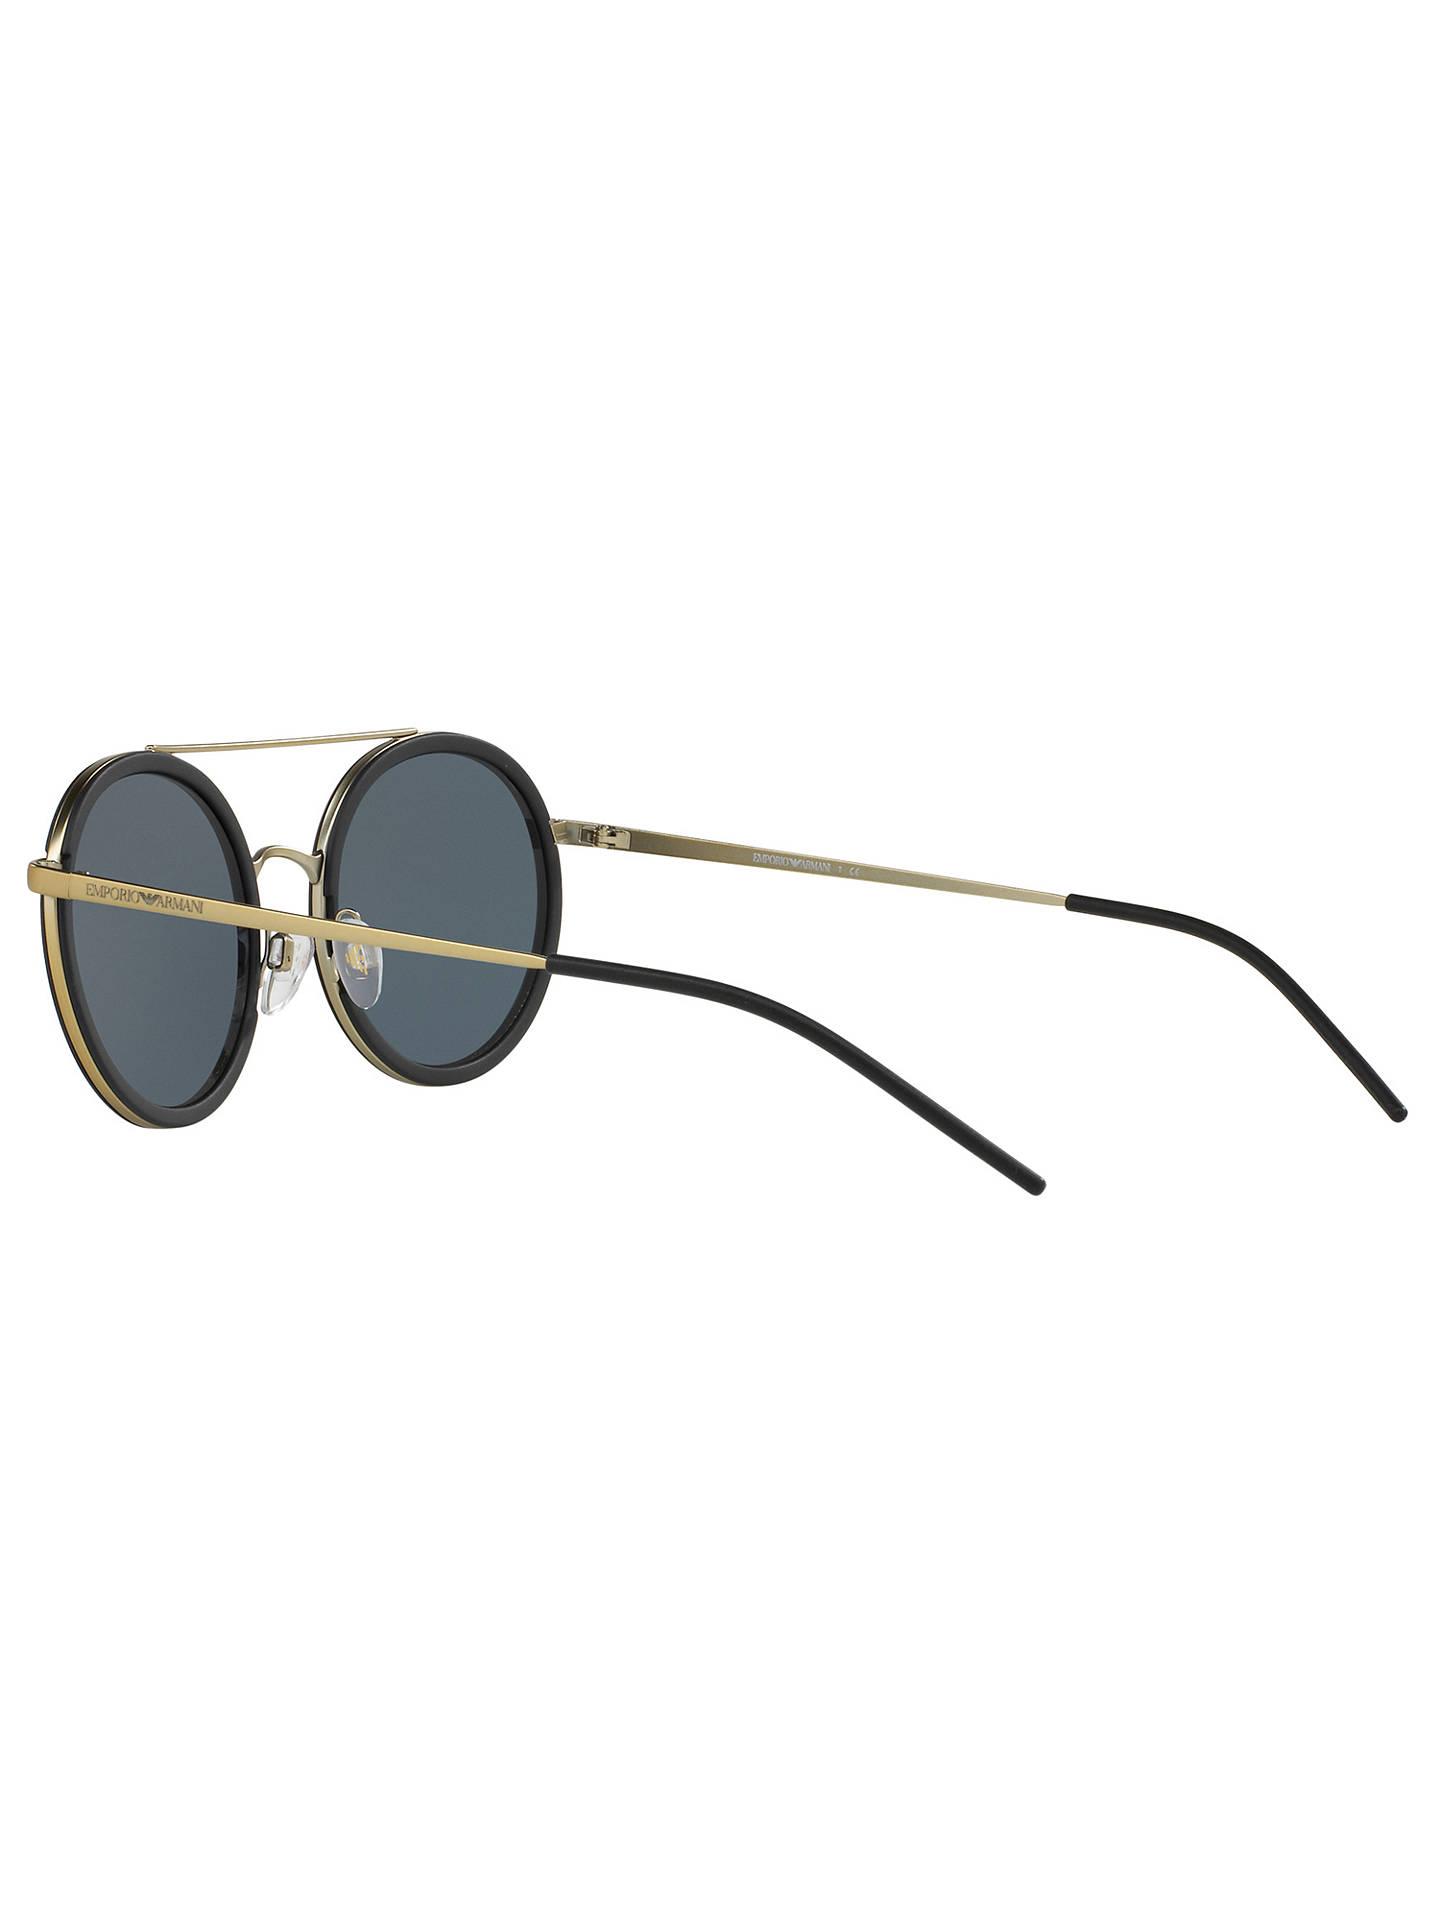 5ca2a29b2a2 ... Buy Emporio Armani EA2041 Round Sunglasses